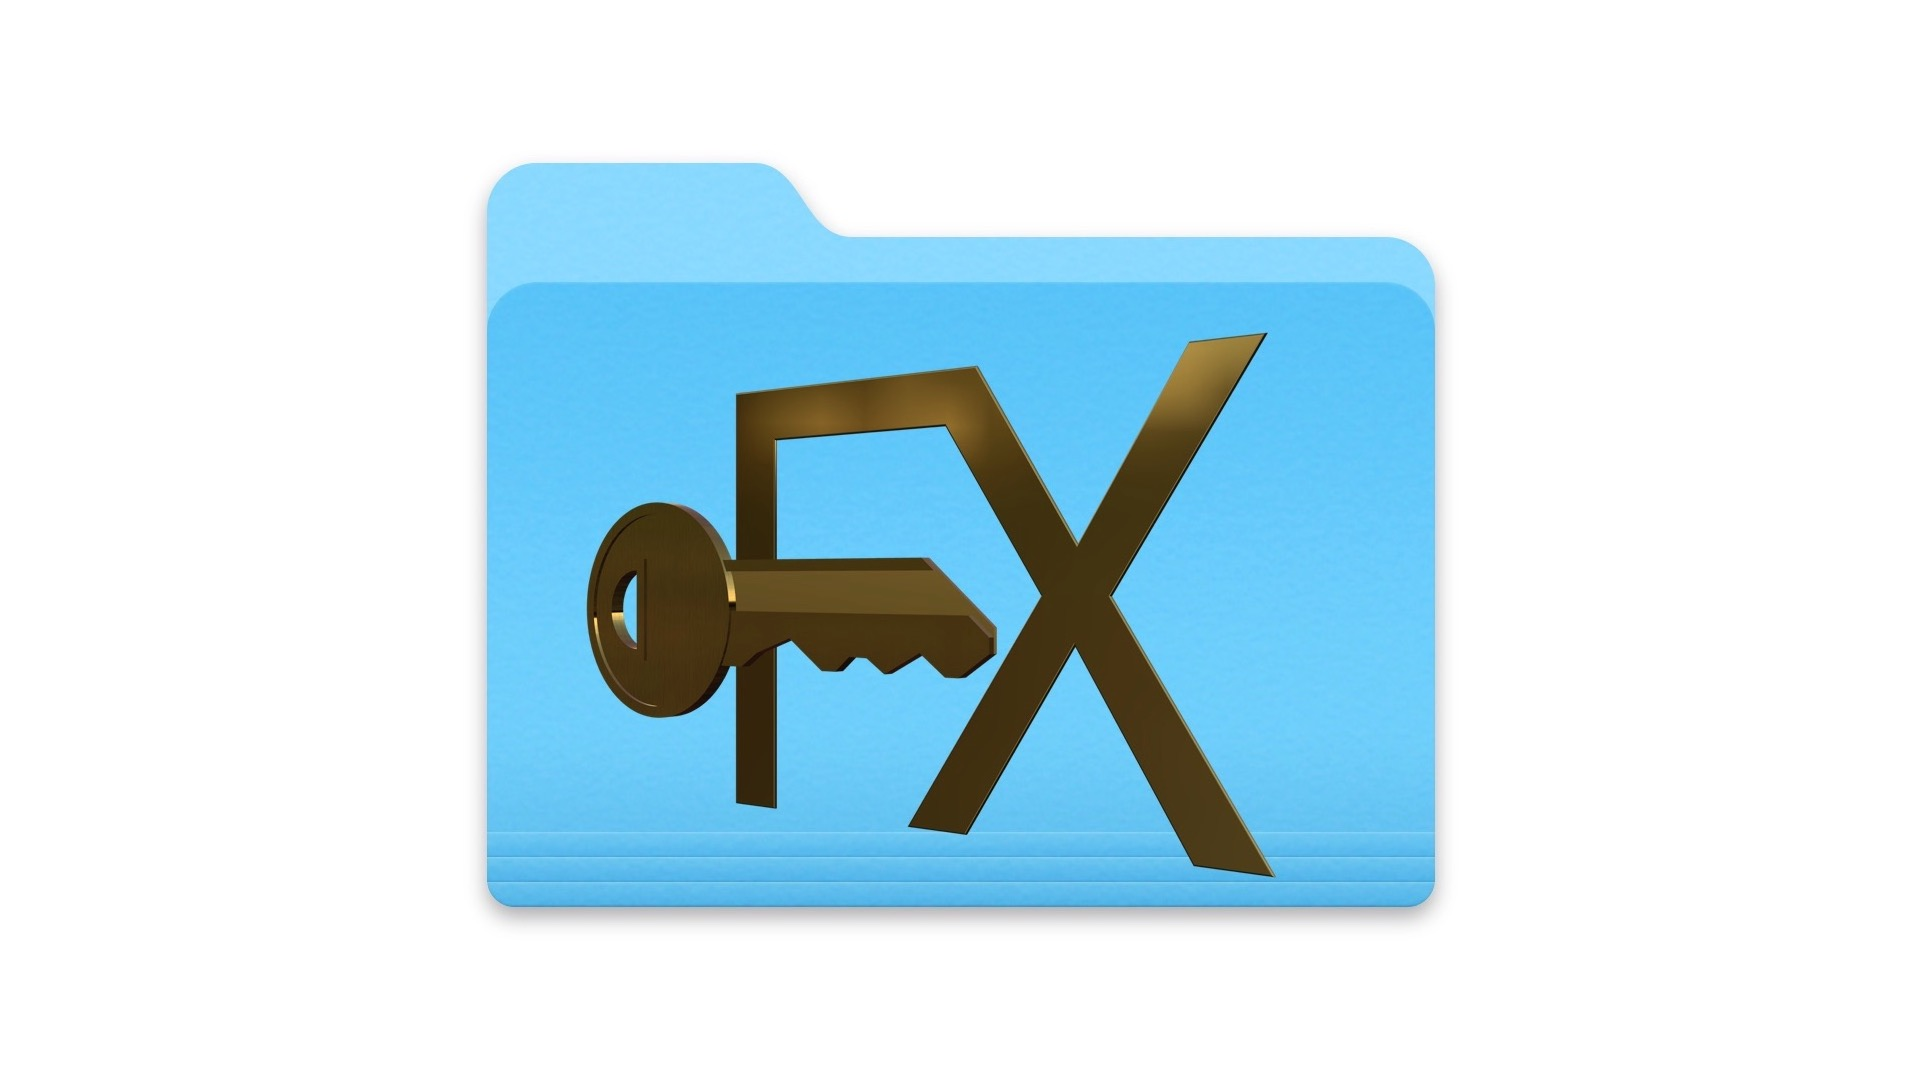 SC KeyFX Tips